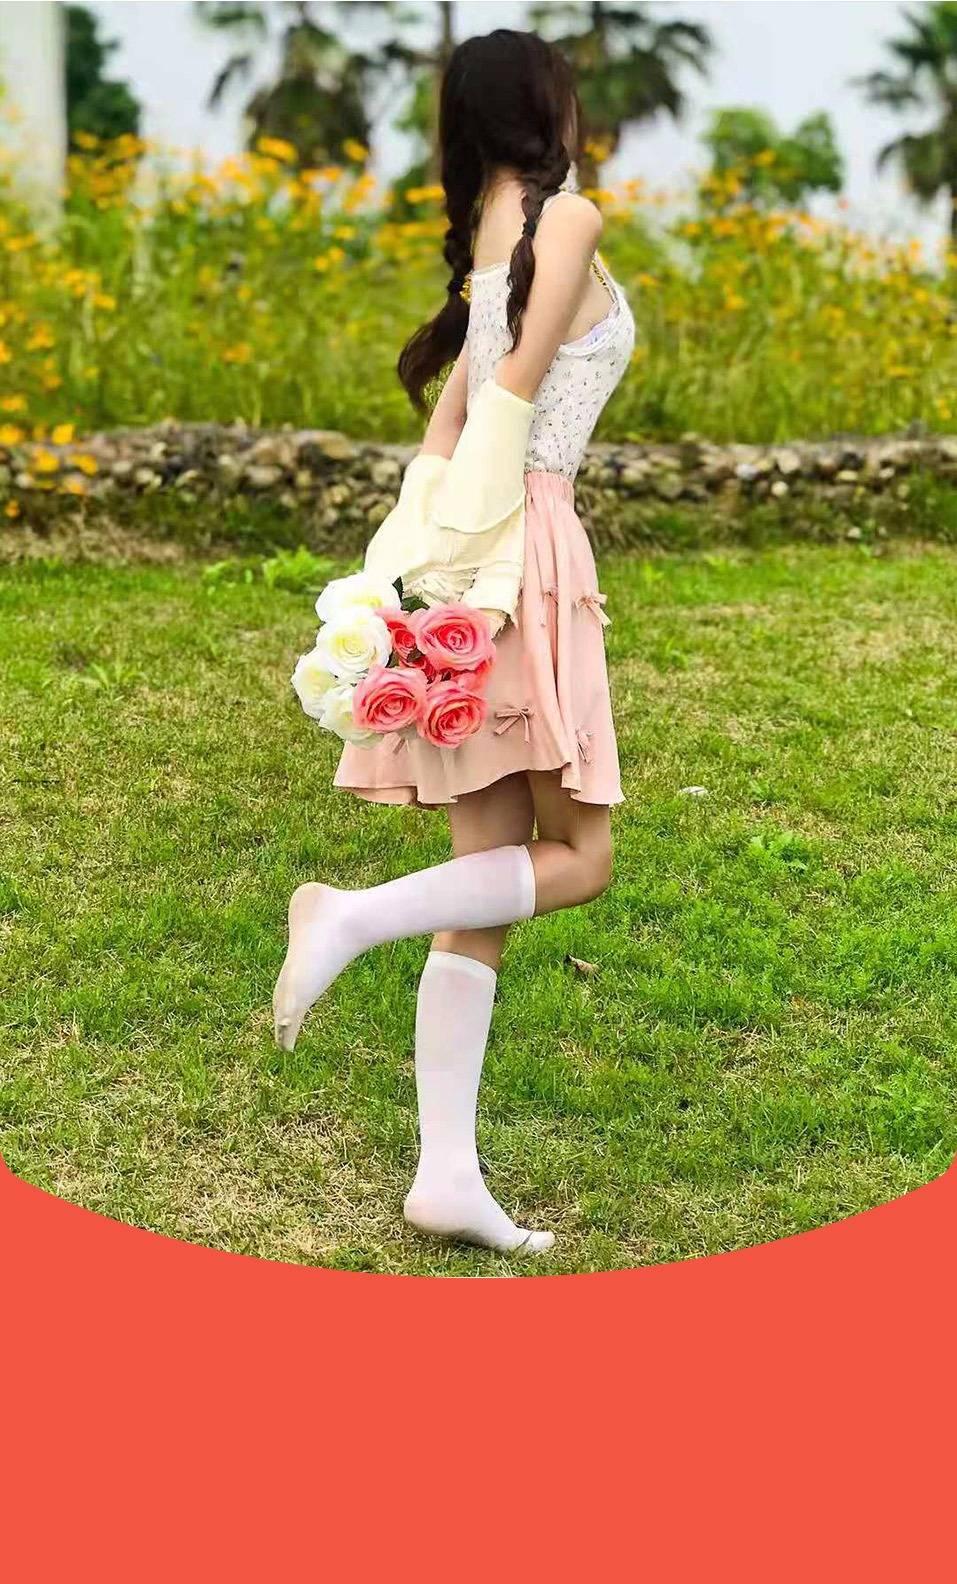 仙女A36购买表情包赠红包封面